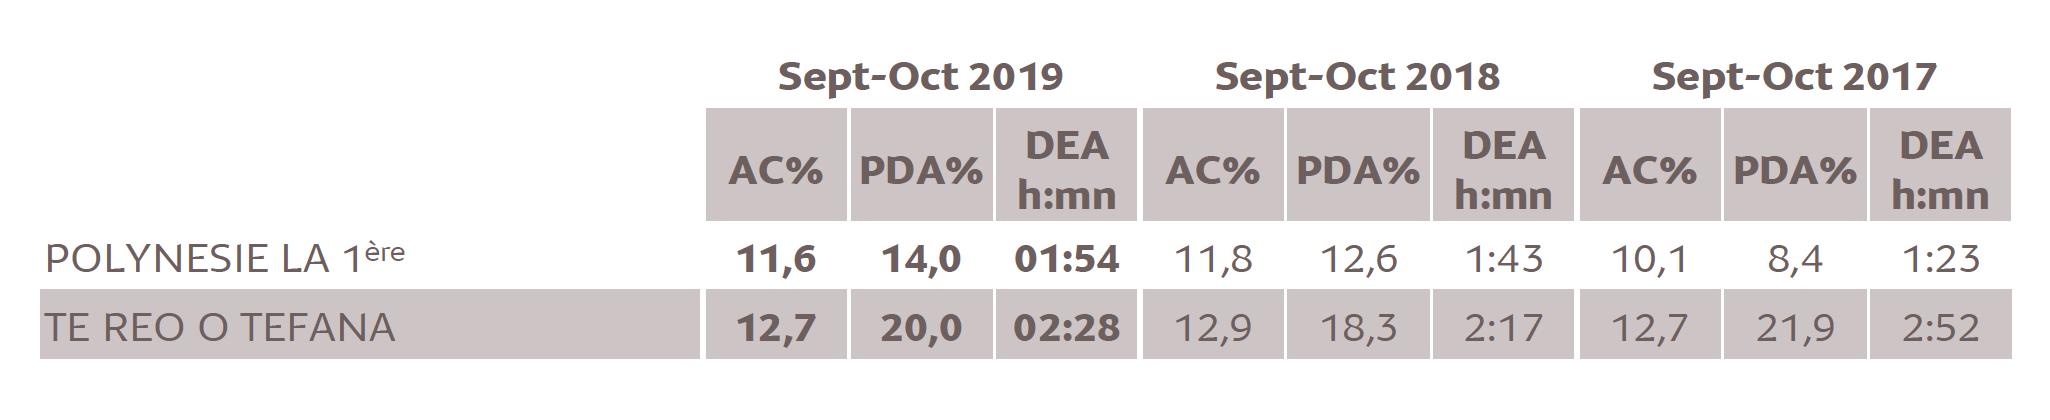 Source : Médiamétrie/ Alvea-Etude ad hoc Polynésie française -Septembre-Octobre 2019 Copyright Médiamétrie/Alvea-Tous droits réservés